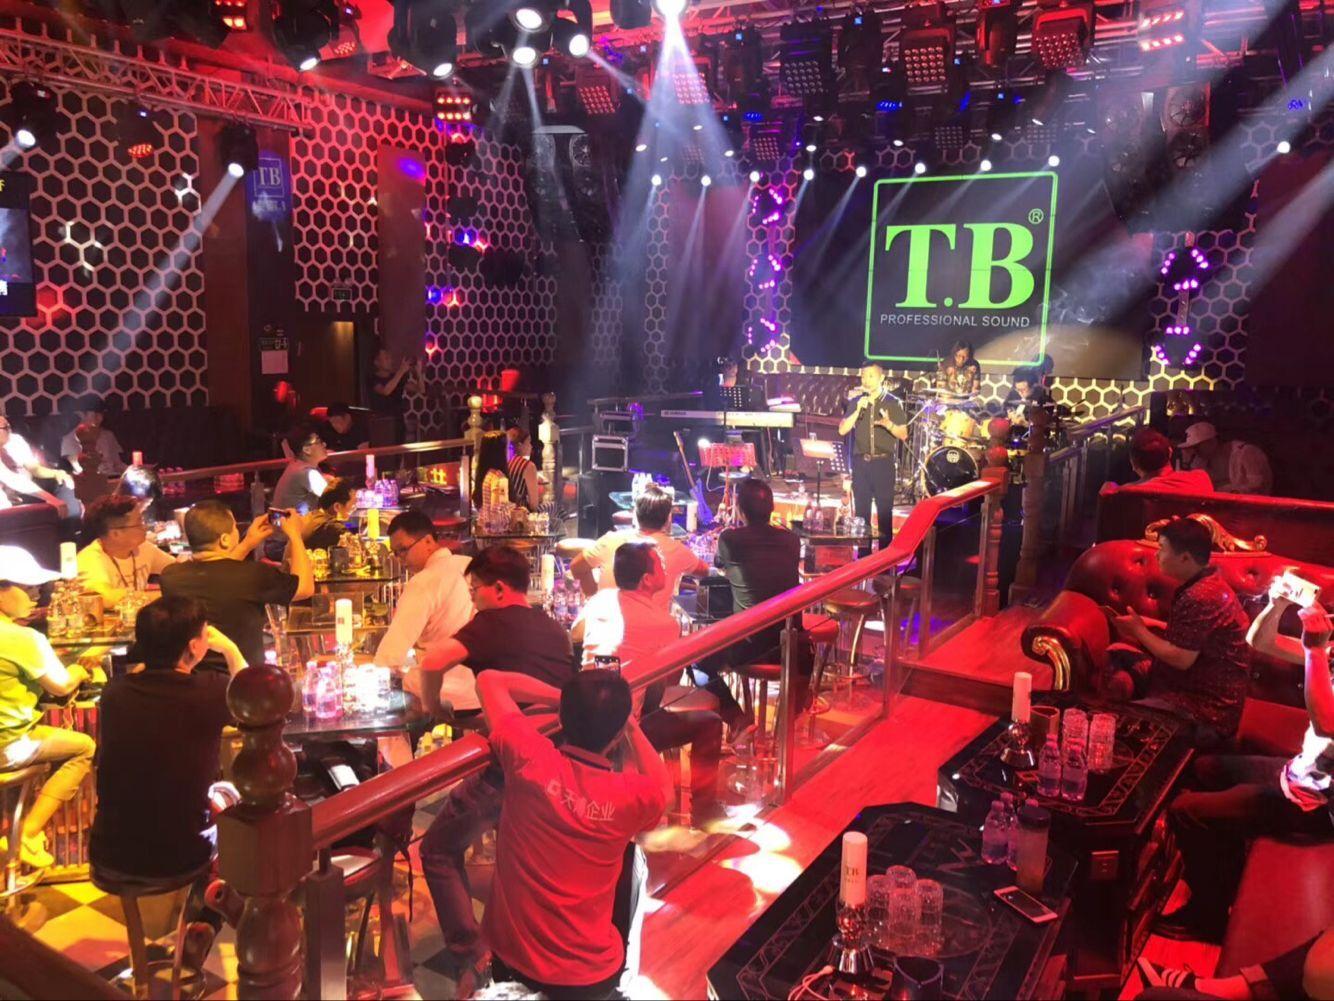 TB酒吧4.jpg